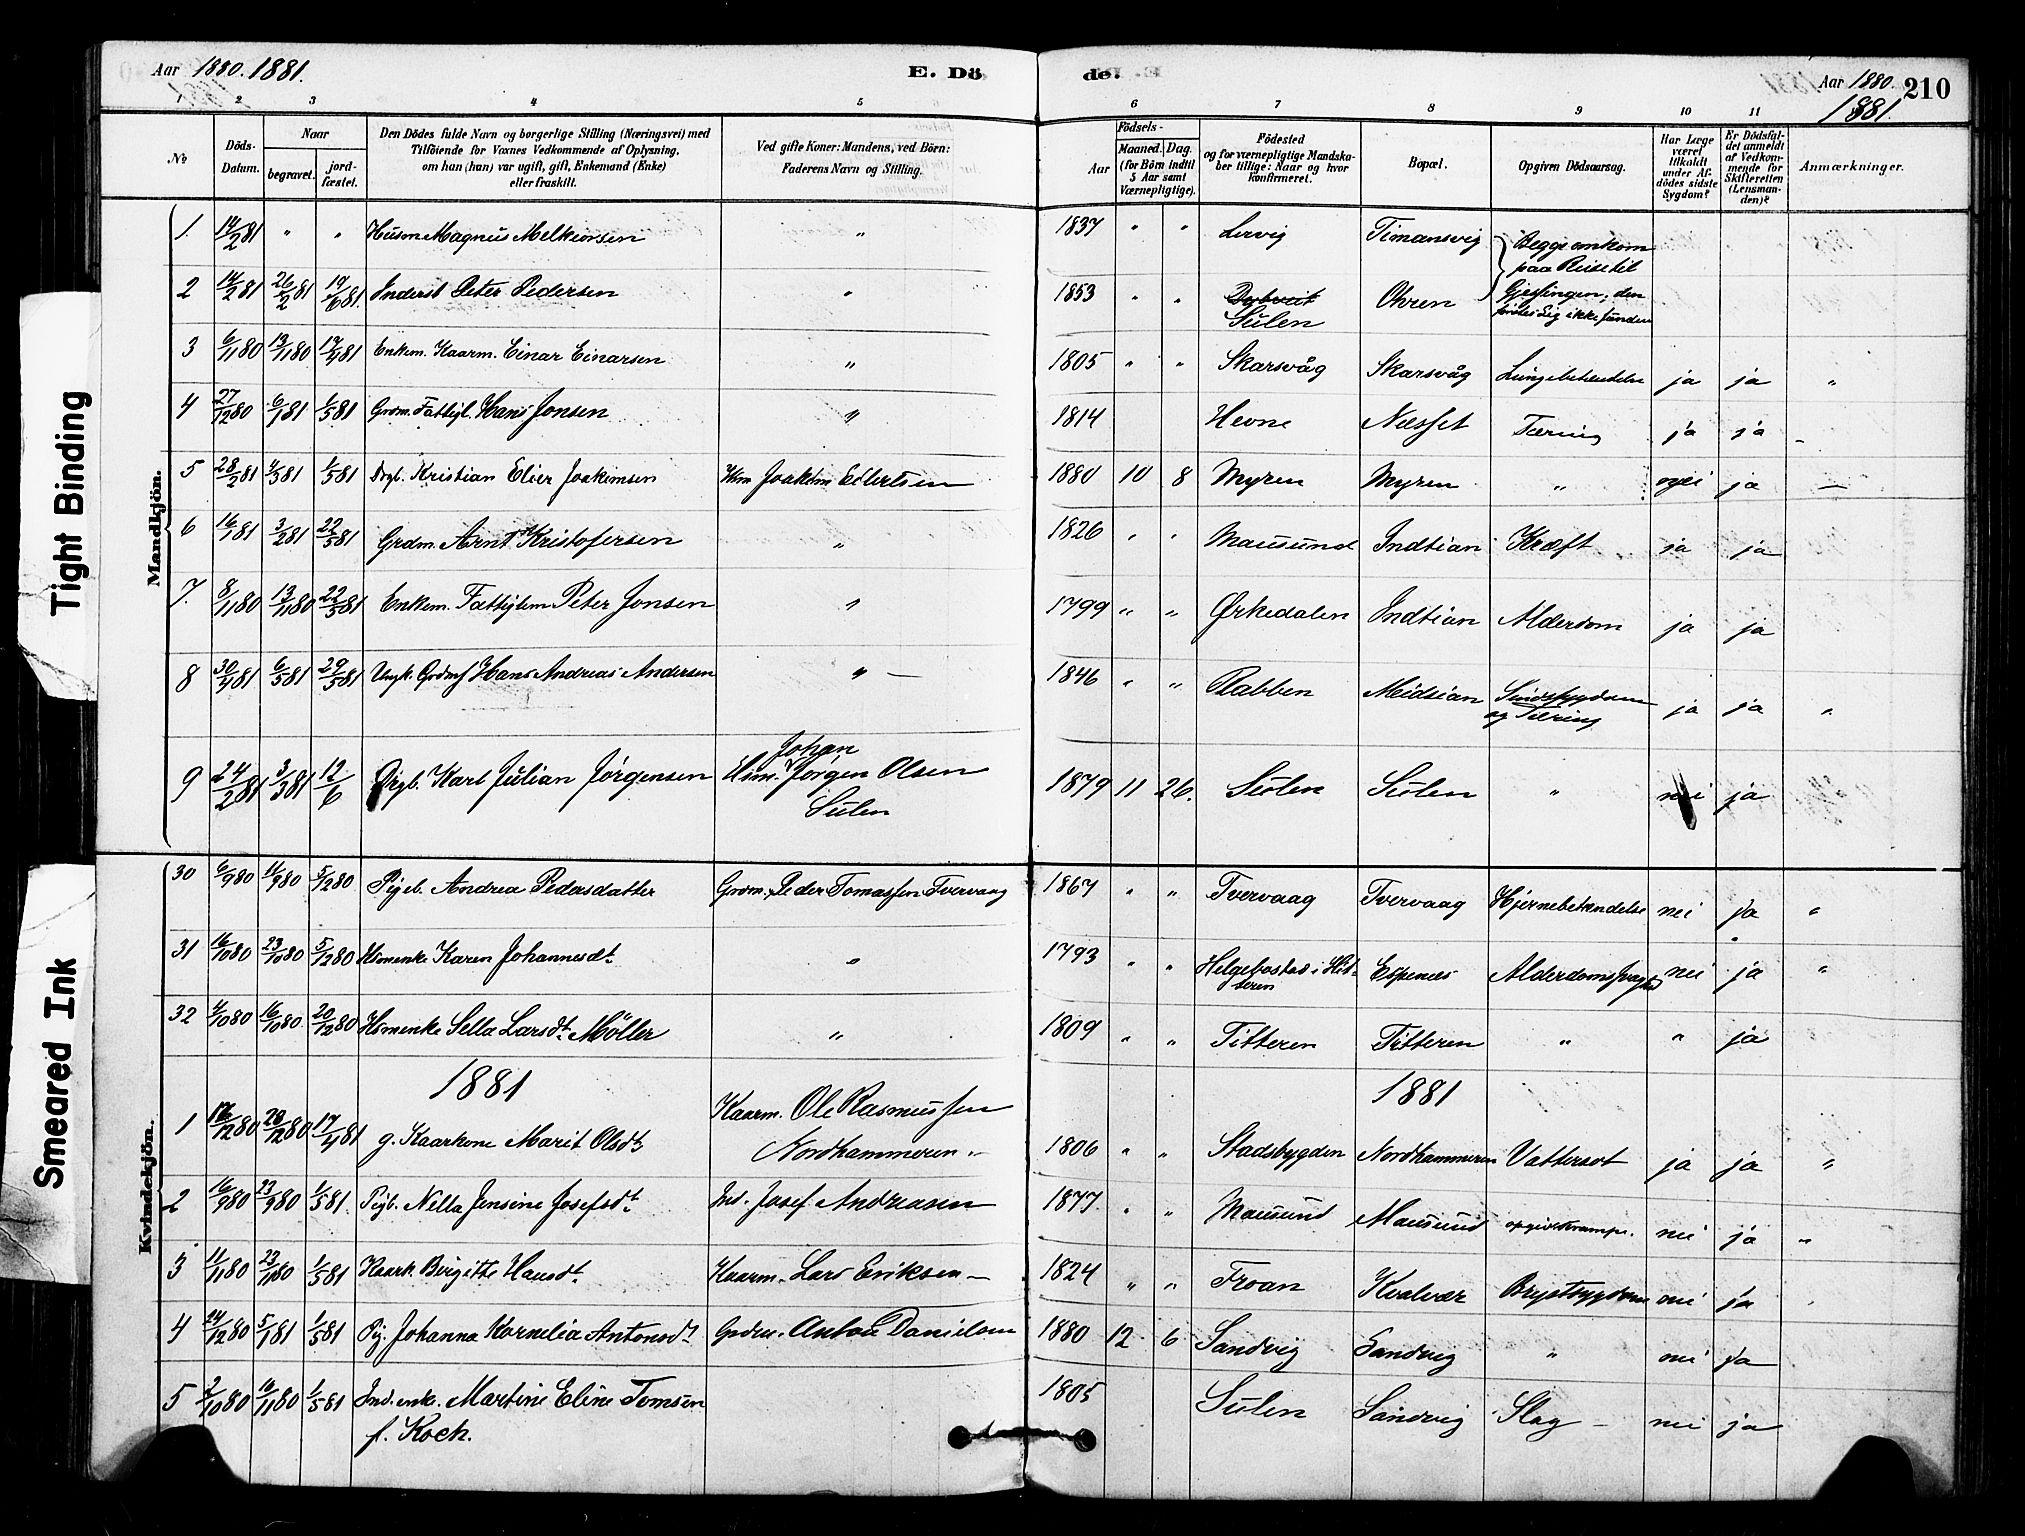 SAT, Ministerialprotokoller, klokkerbøker og fødselsregistre - Sør-Trøndelag, 640/L0578: Ministerialbok nr. 640A03, 1879-1889, s. 210